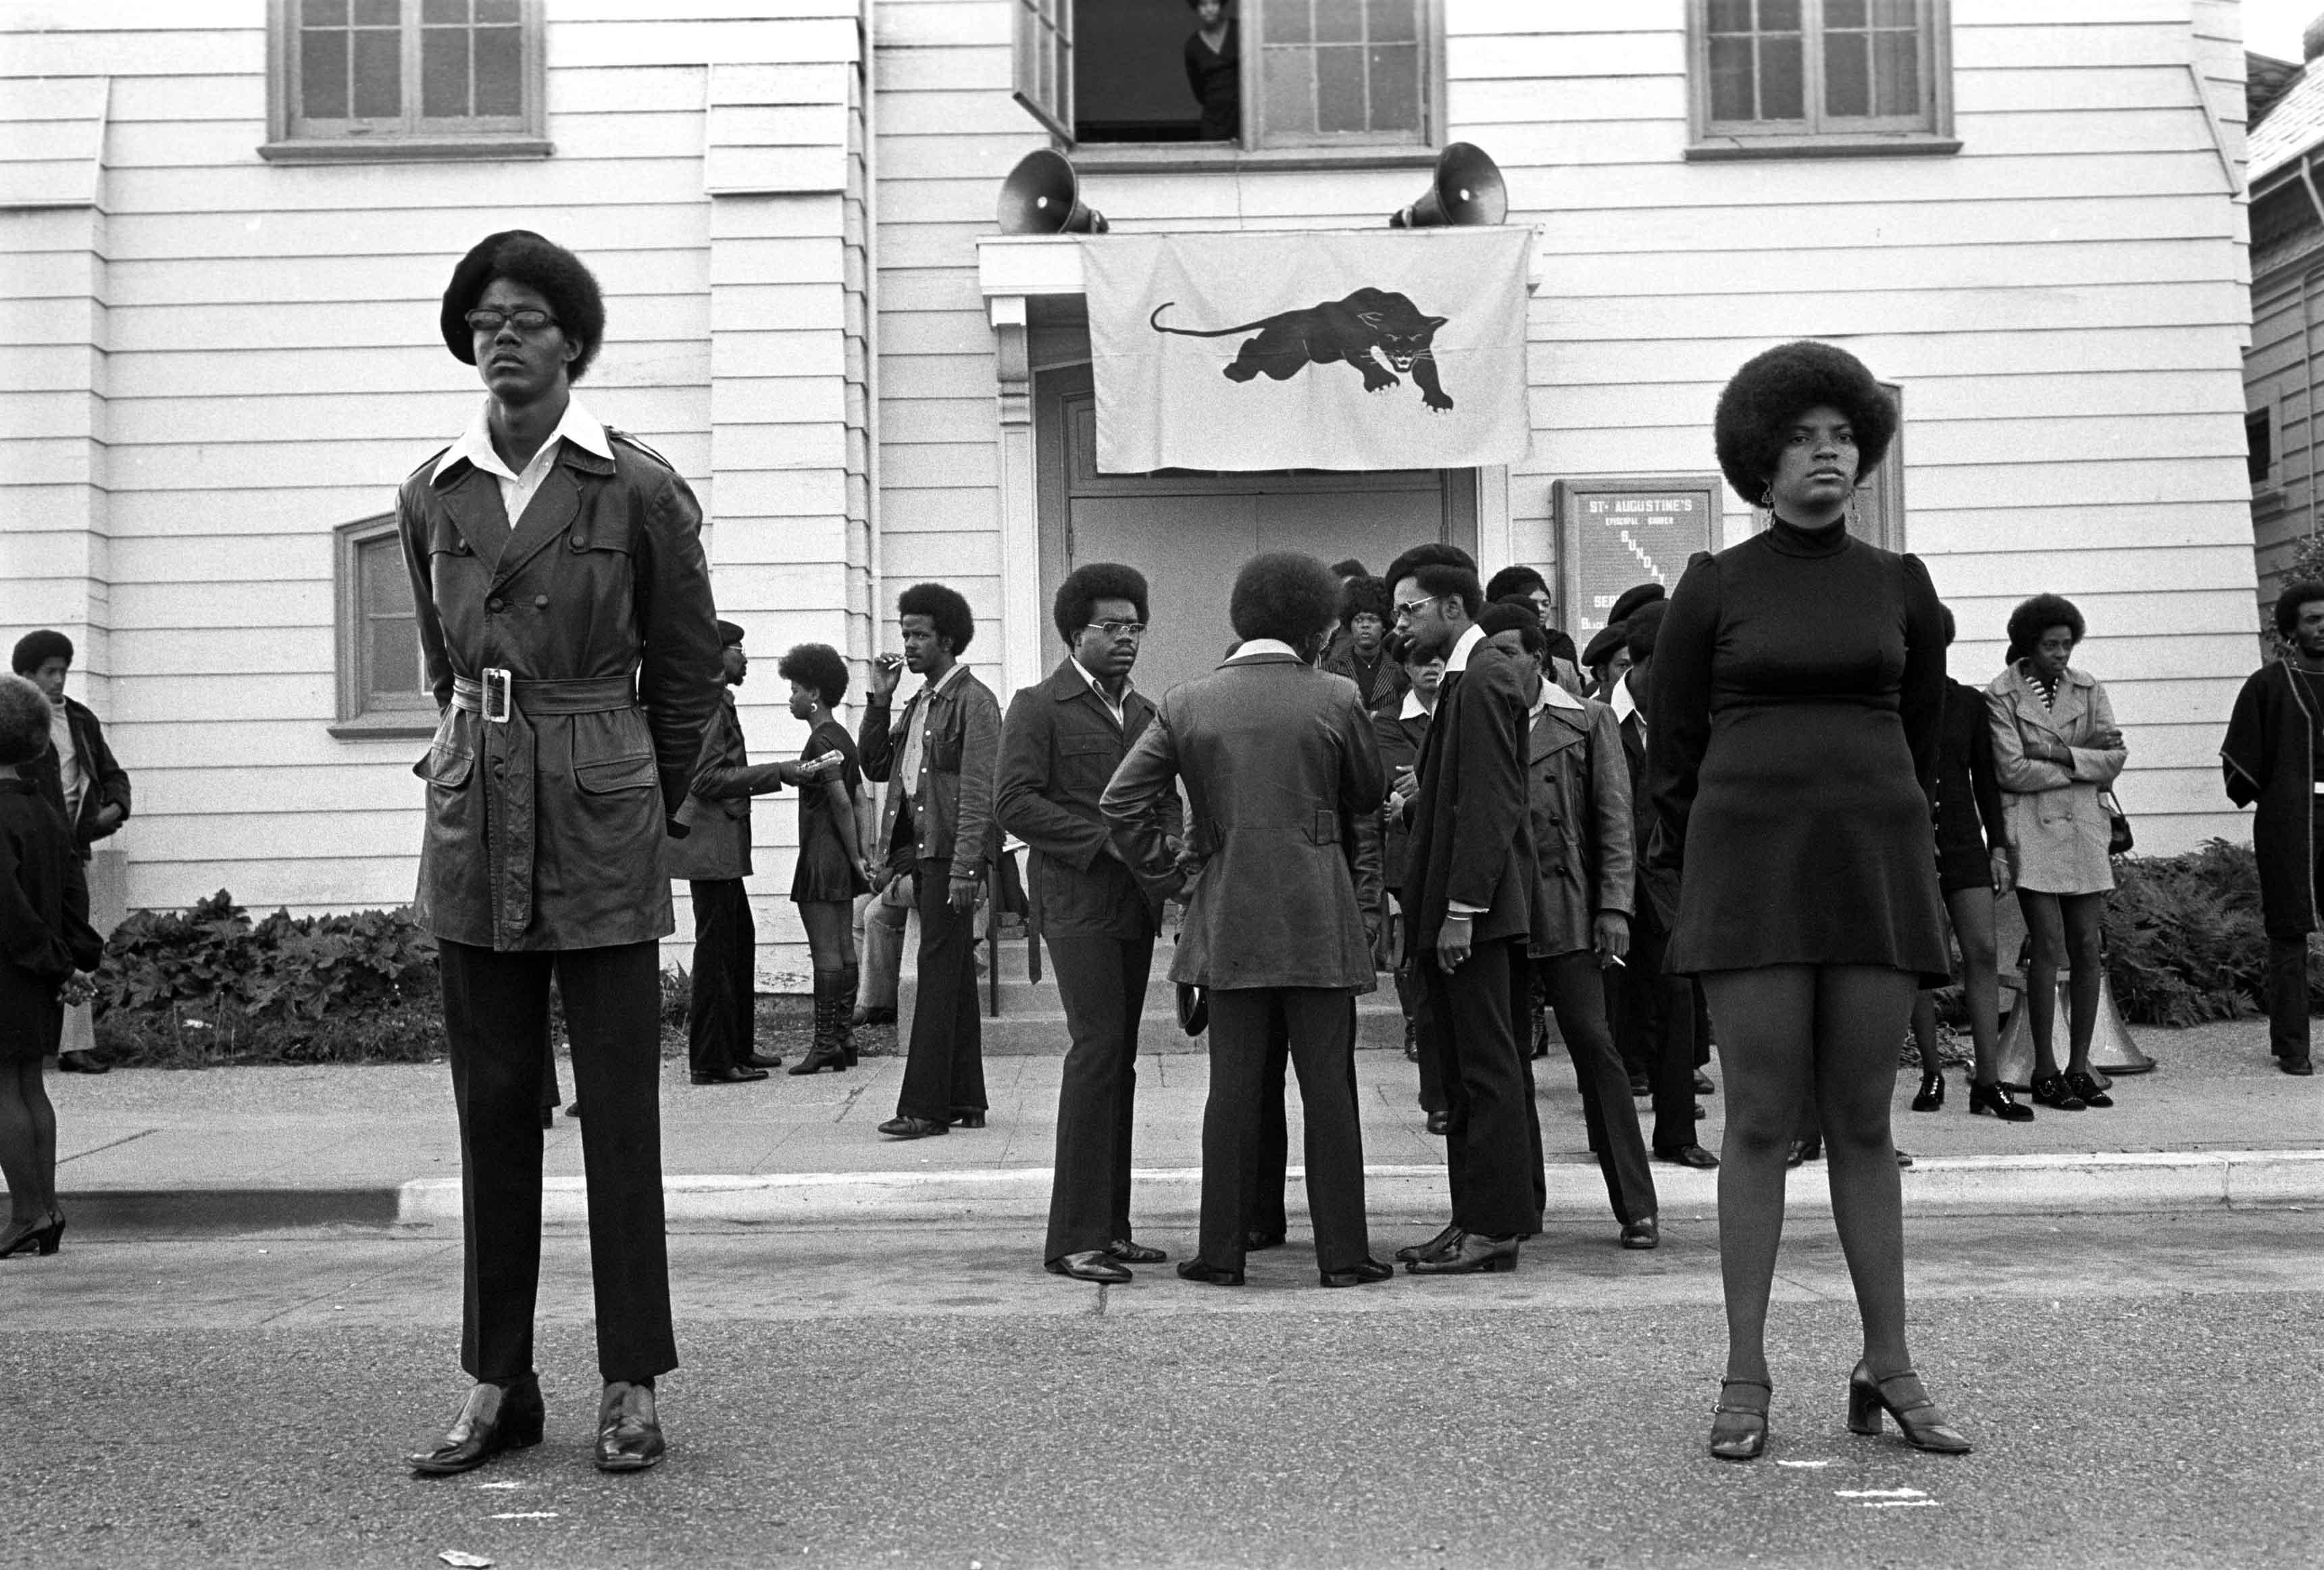 Funérailles de George Jackson, Oakland, 28 août 1971  © Stephen Shames / courtesy Steven Kasher Gallery